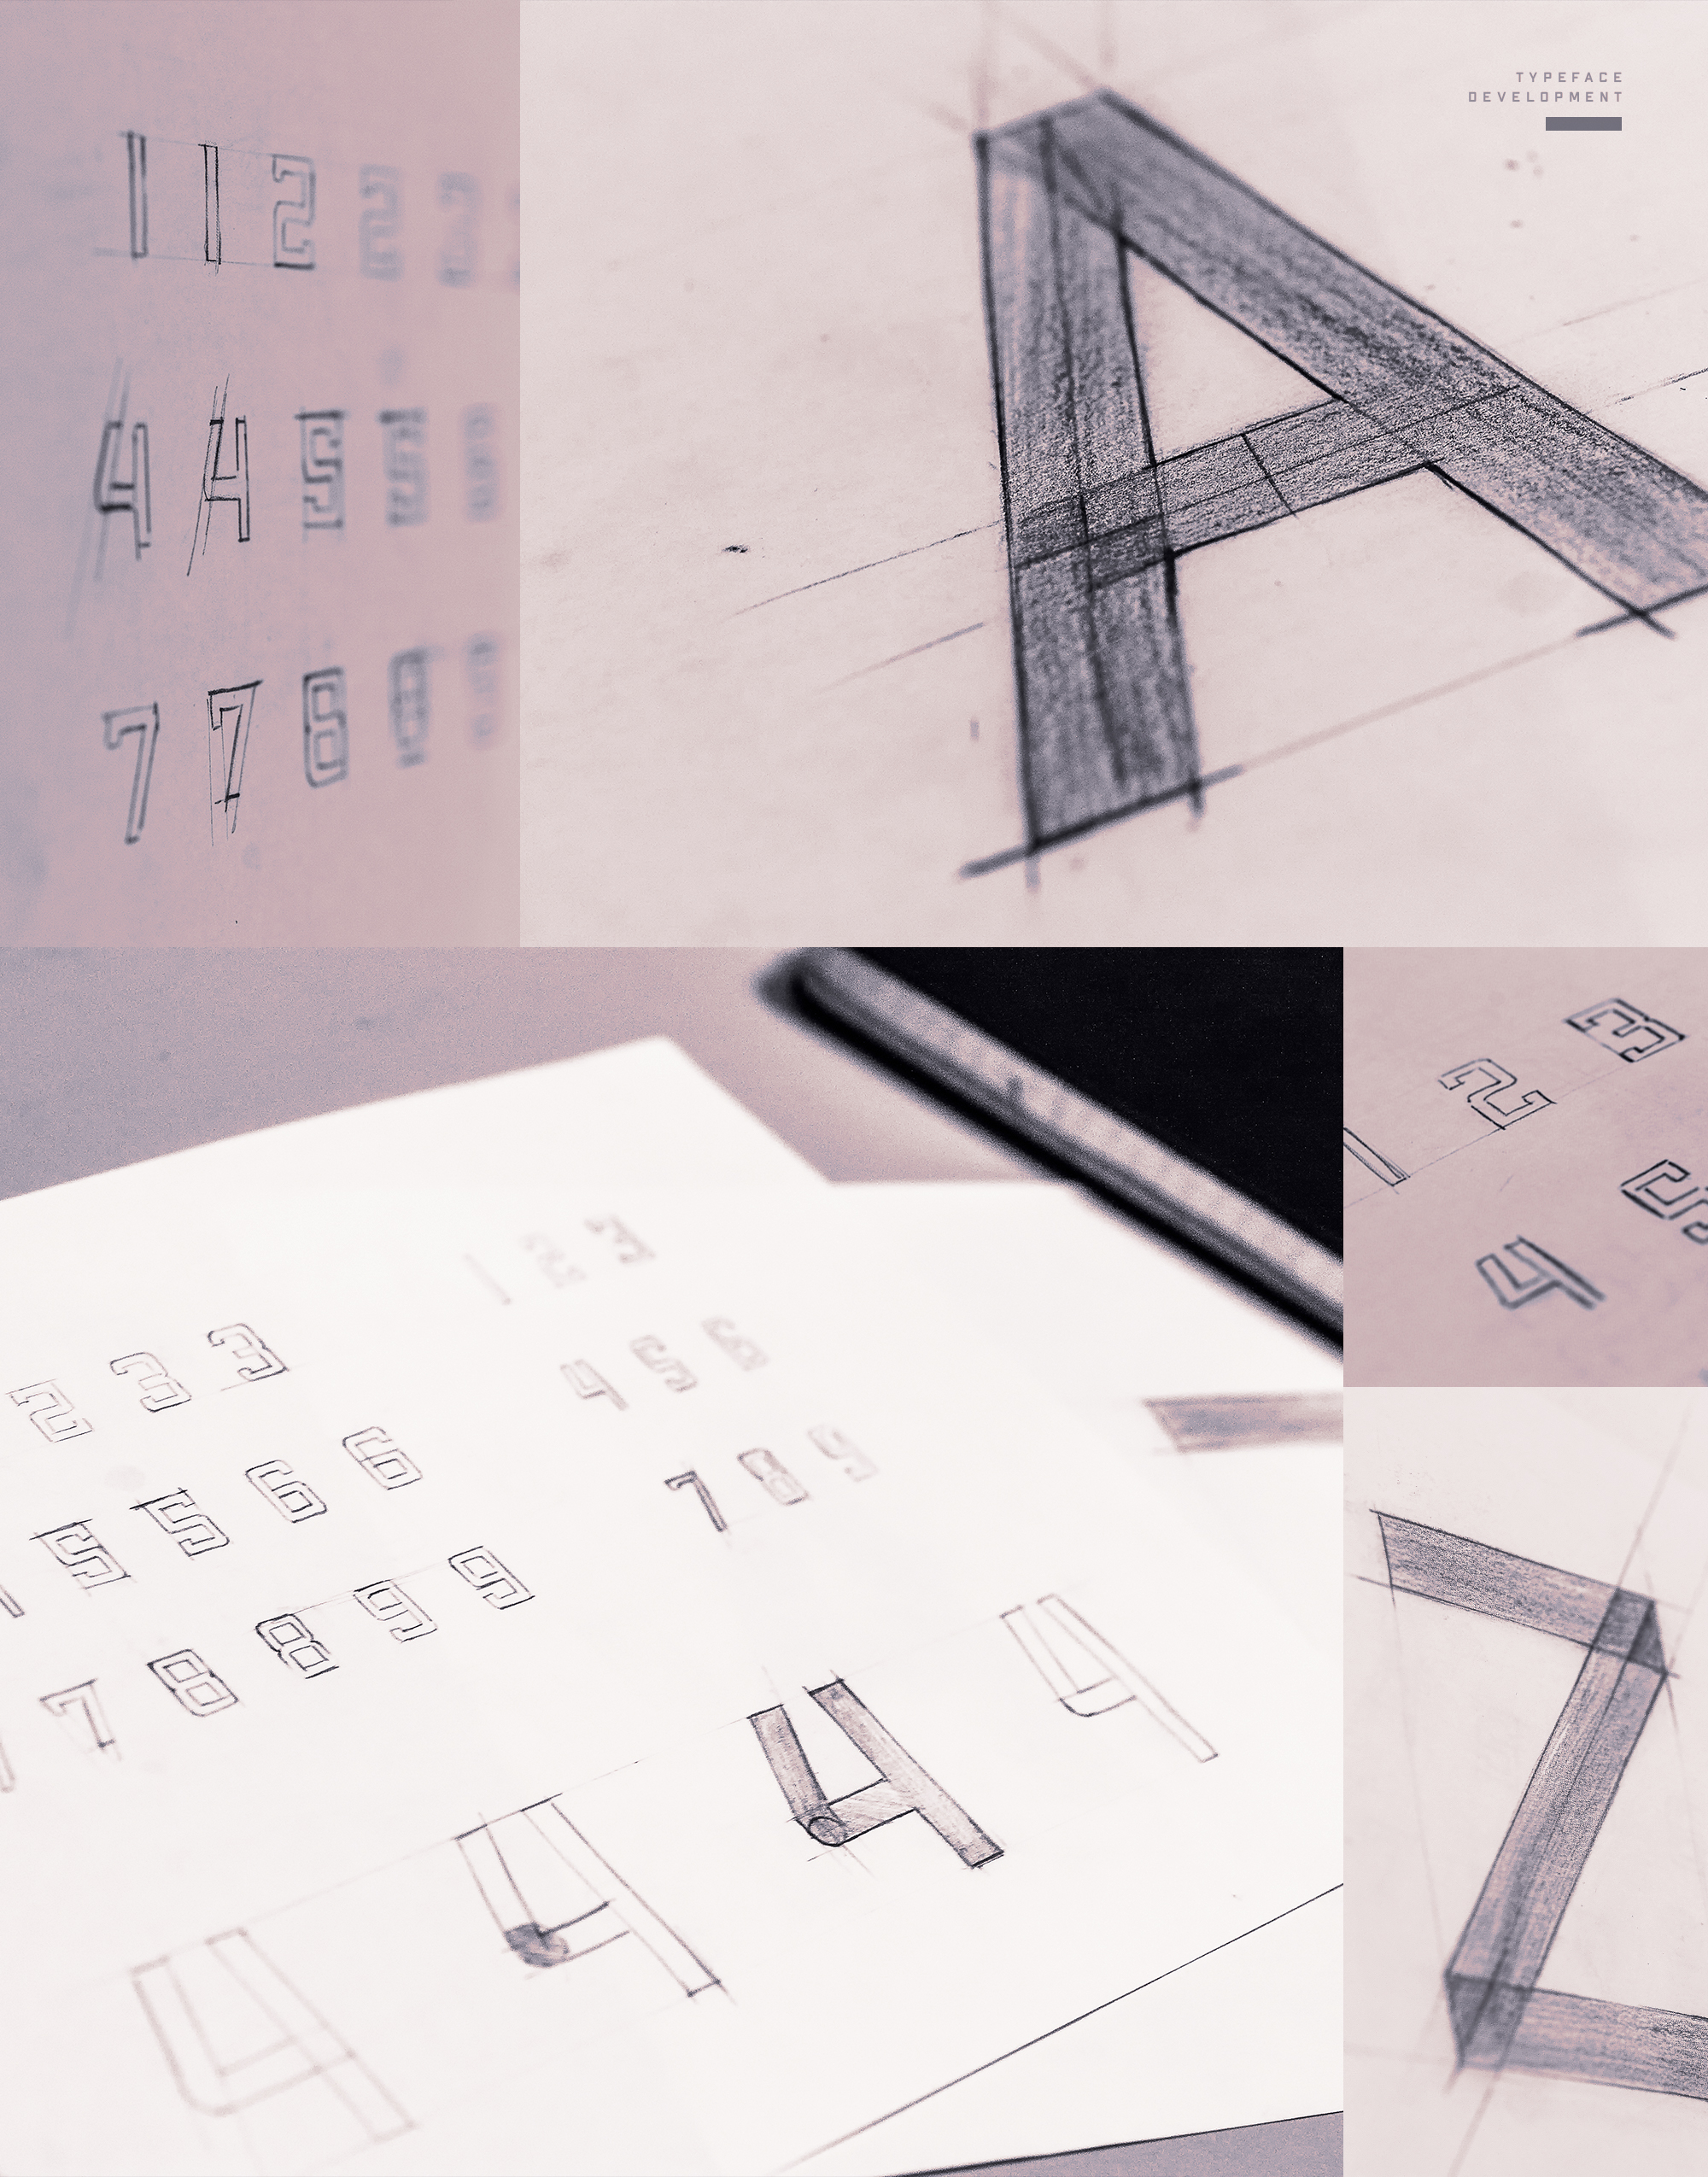 Apex MK2 Font Sketches